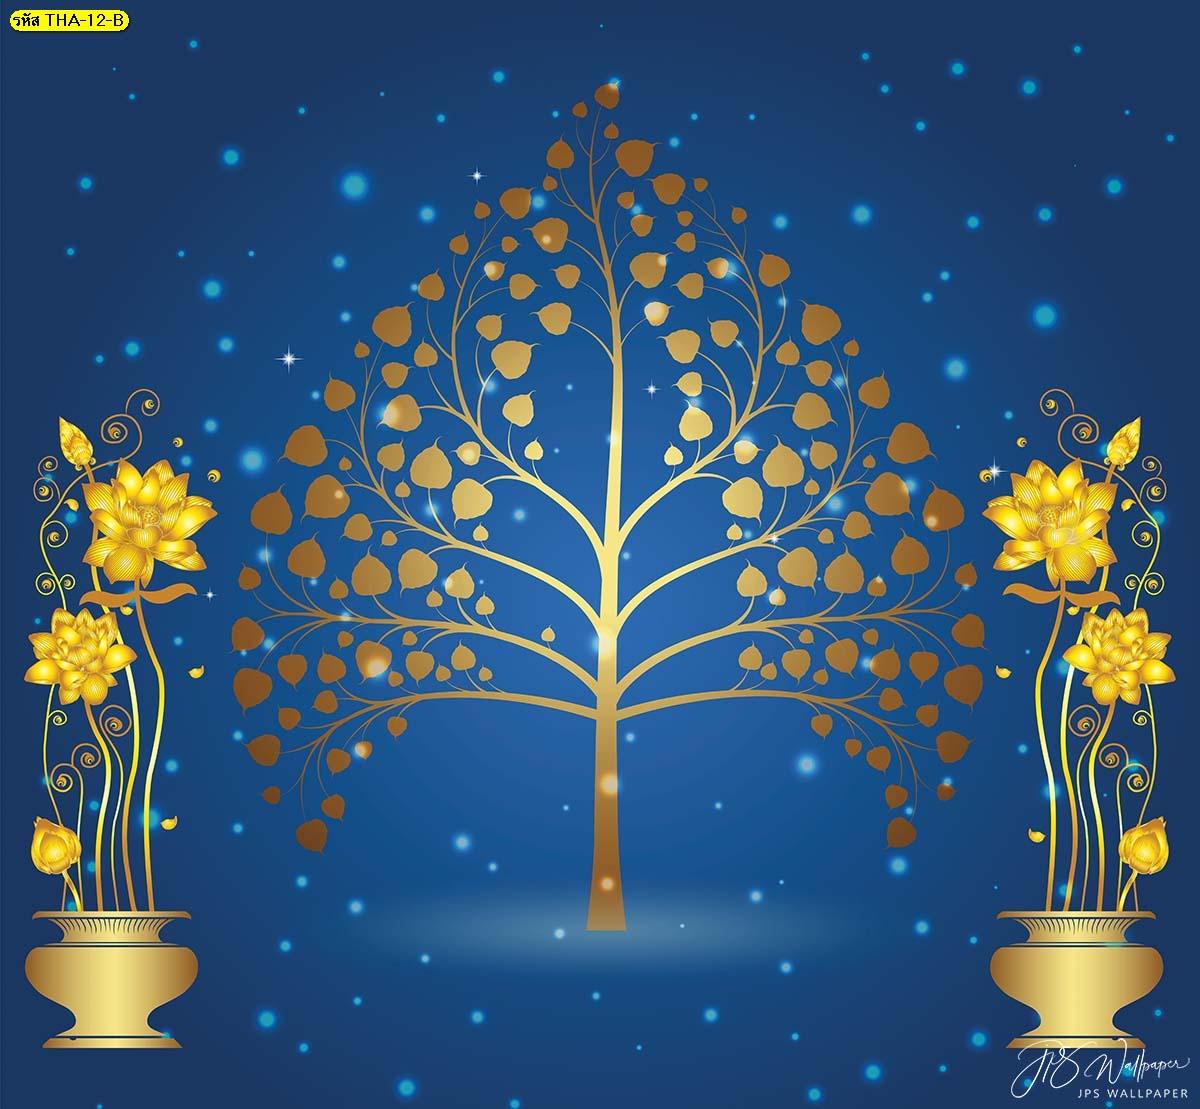 วอลเปเปอร์ลายไทยต้นโพธิ์แจกันดอกบัวพื้นหลังสีน้ำเงิน ภาพสั่งทำแจกันดอกบัว